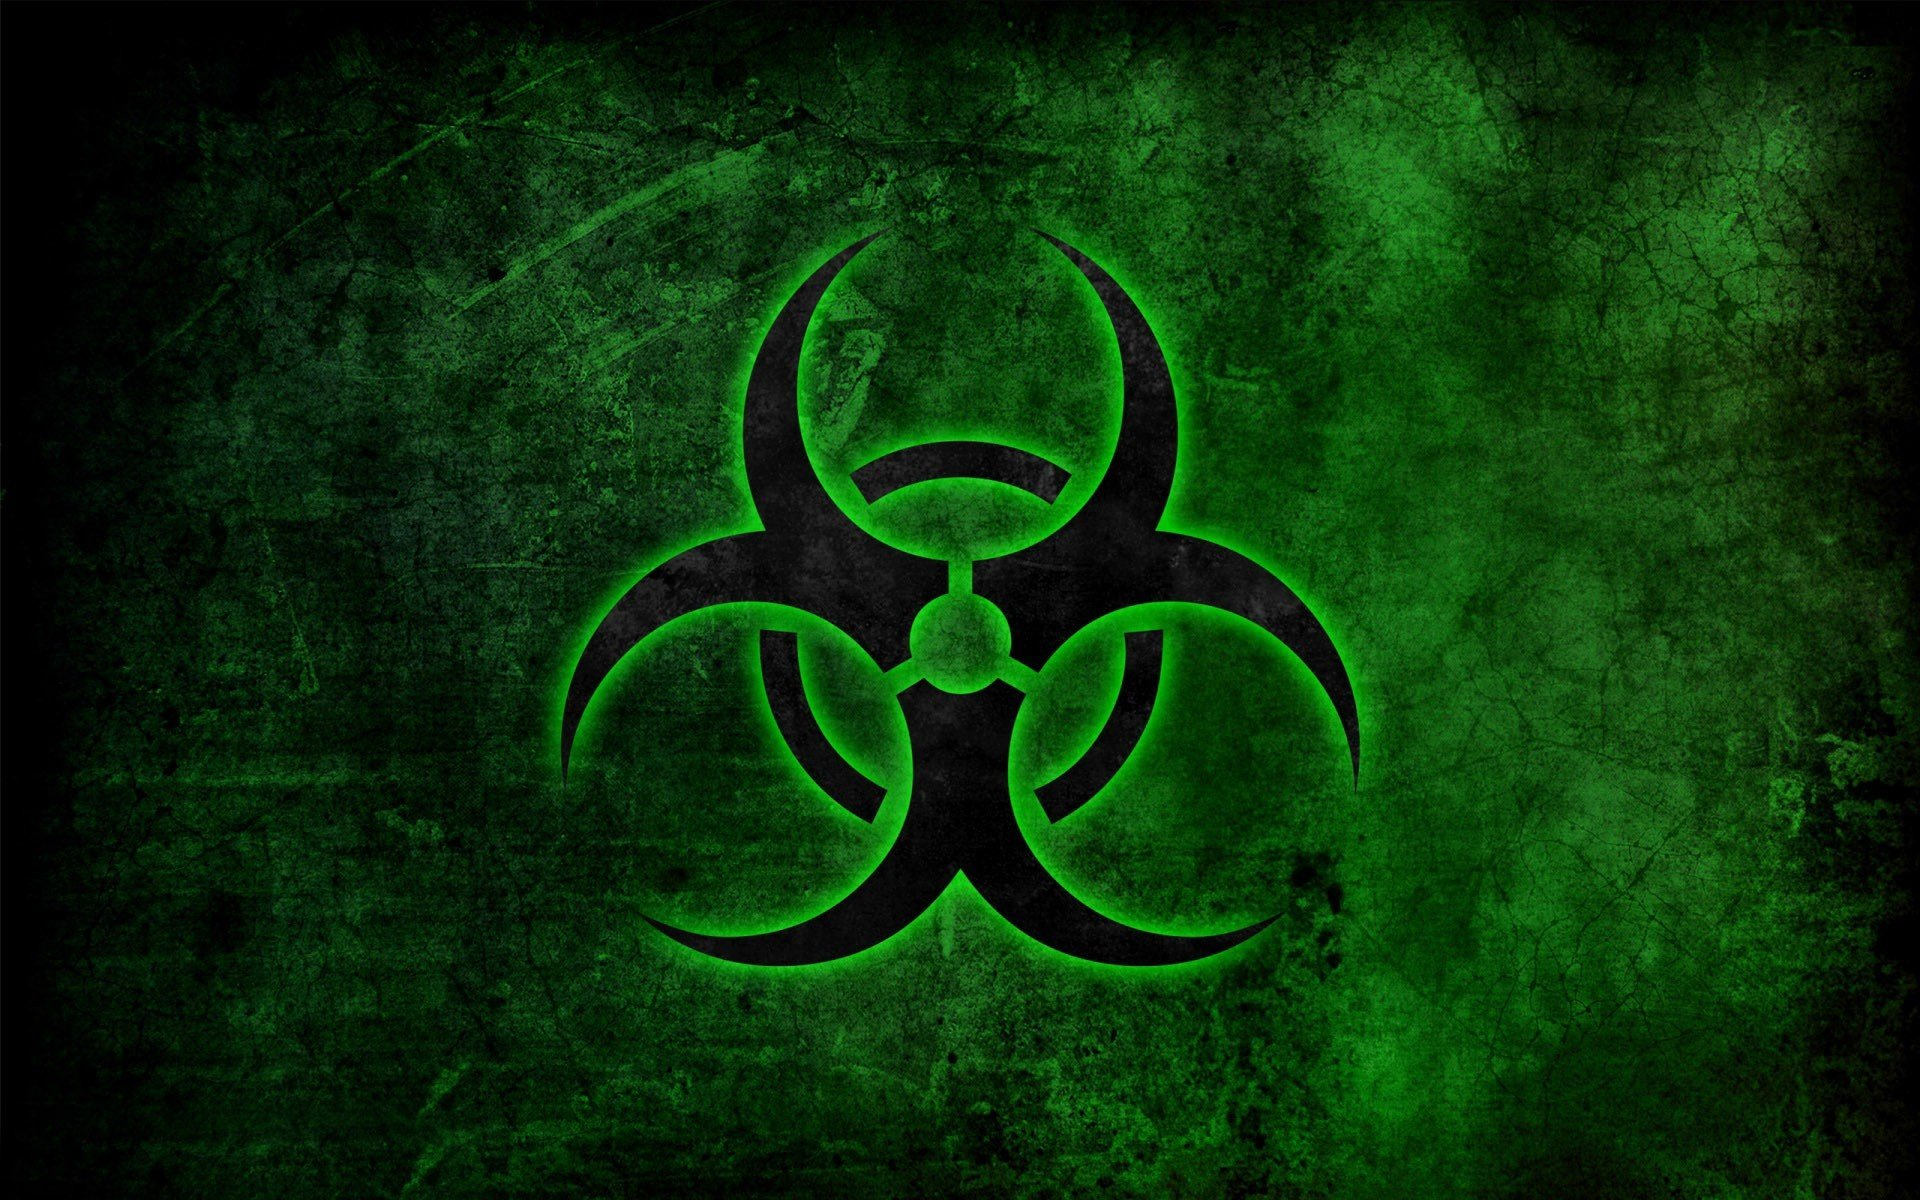 Cool Biohazard Wallpapers - WallpaperSafari